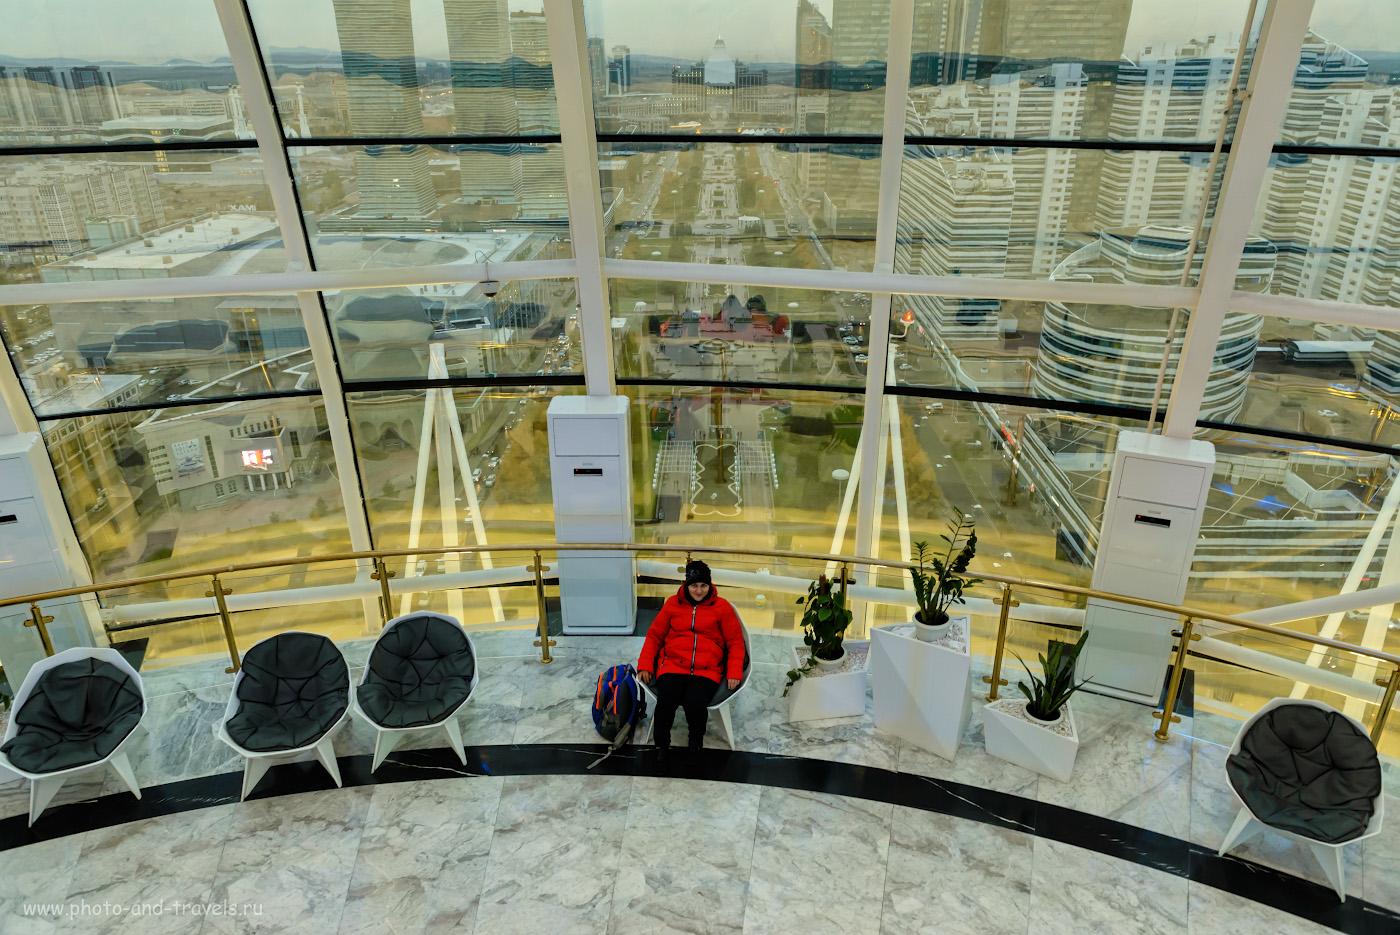 Фото 1. Вид с монумента Байтерек на бульвар Нуржол. Фотоаппарат Nikon D610, объектив Nikon 24-70 mm f/2.8. Настройки при съемке: В=1/50, экспокоррекция +0.33, f/4.5, ISO 1800, ФР=24 мм.